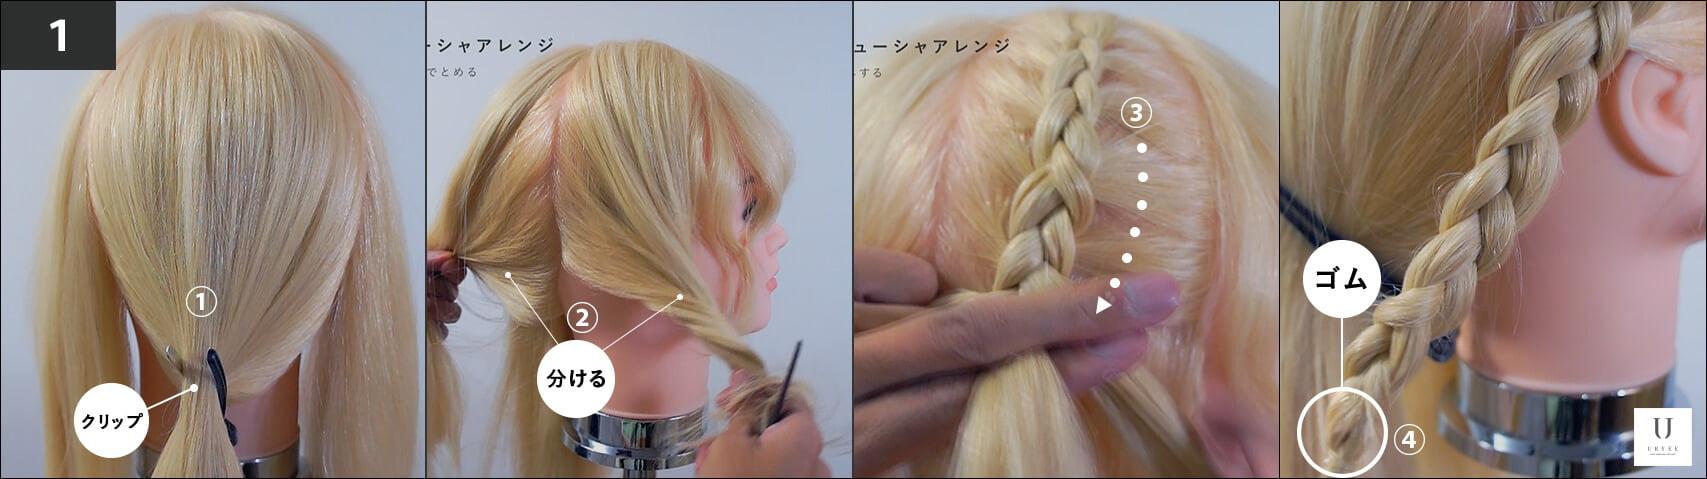 浴衣に似合う髪型,花火大会,夏祭り